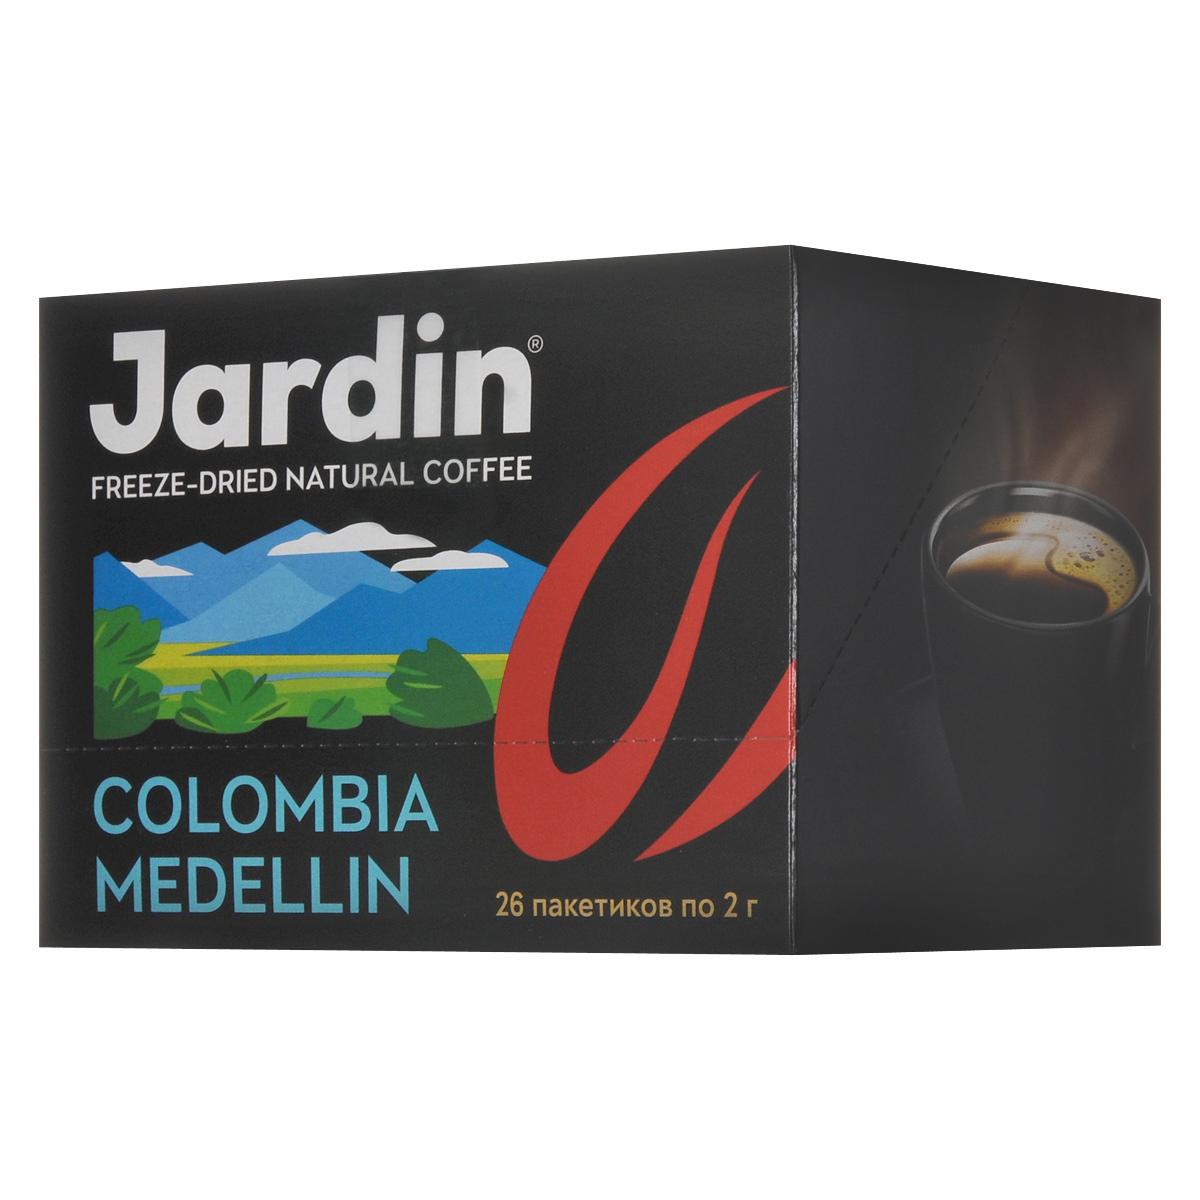 Jardin Colombia Medellin растворимый кофе в пакетиках, 26 шт0861-16Растворимый кофе в пакетиках Jardin Colombia Medellin обладает крепким, насыщенным, интенсивным ароматом. Вкус арабики из колумбийского региона Меделлин особо ценится за сочетание цветочных и шоколадных нот.А всего одна ложка сахара добавит вкусу новые карамельные ноты крем-брюле.